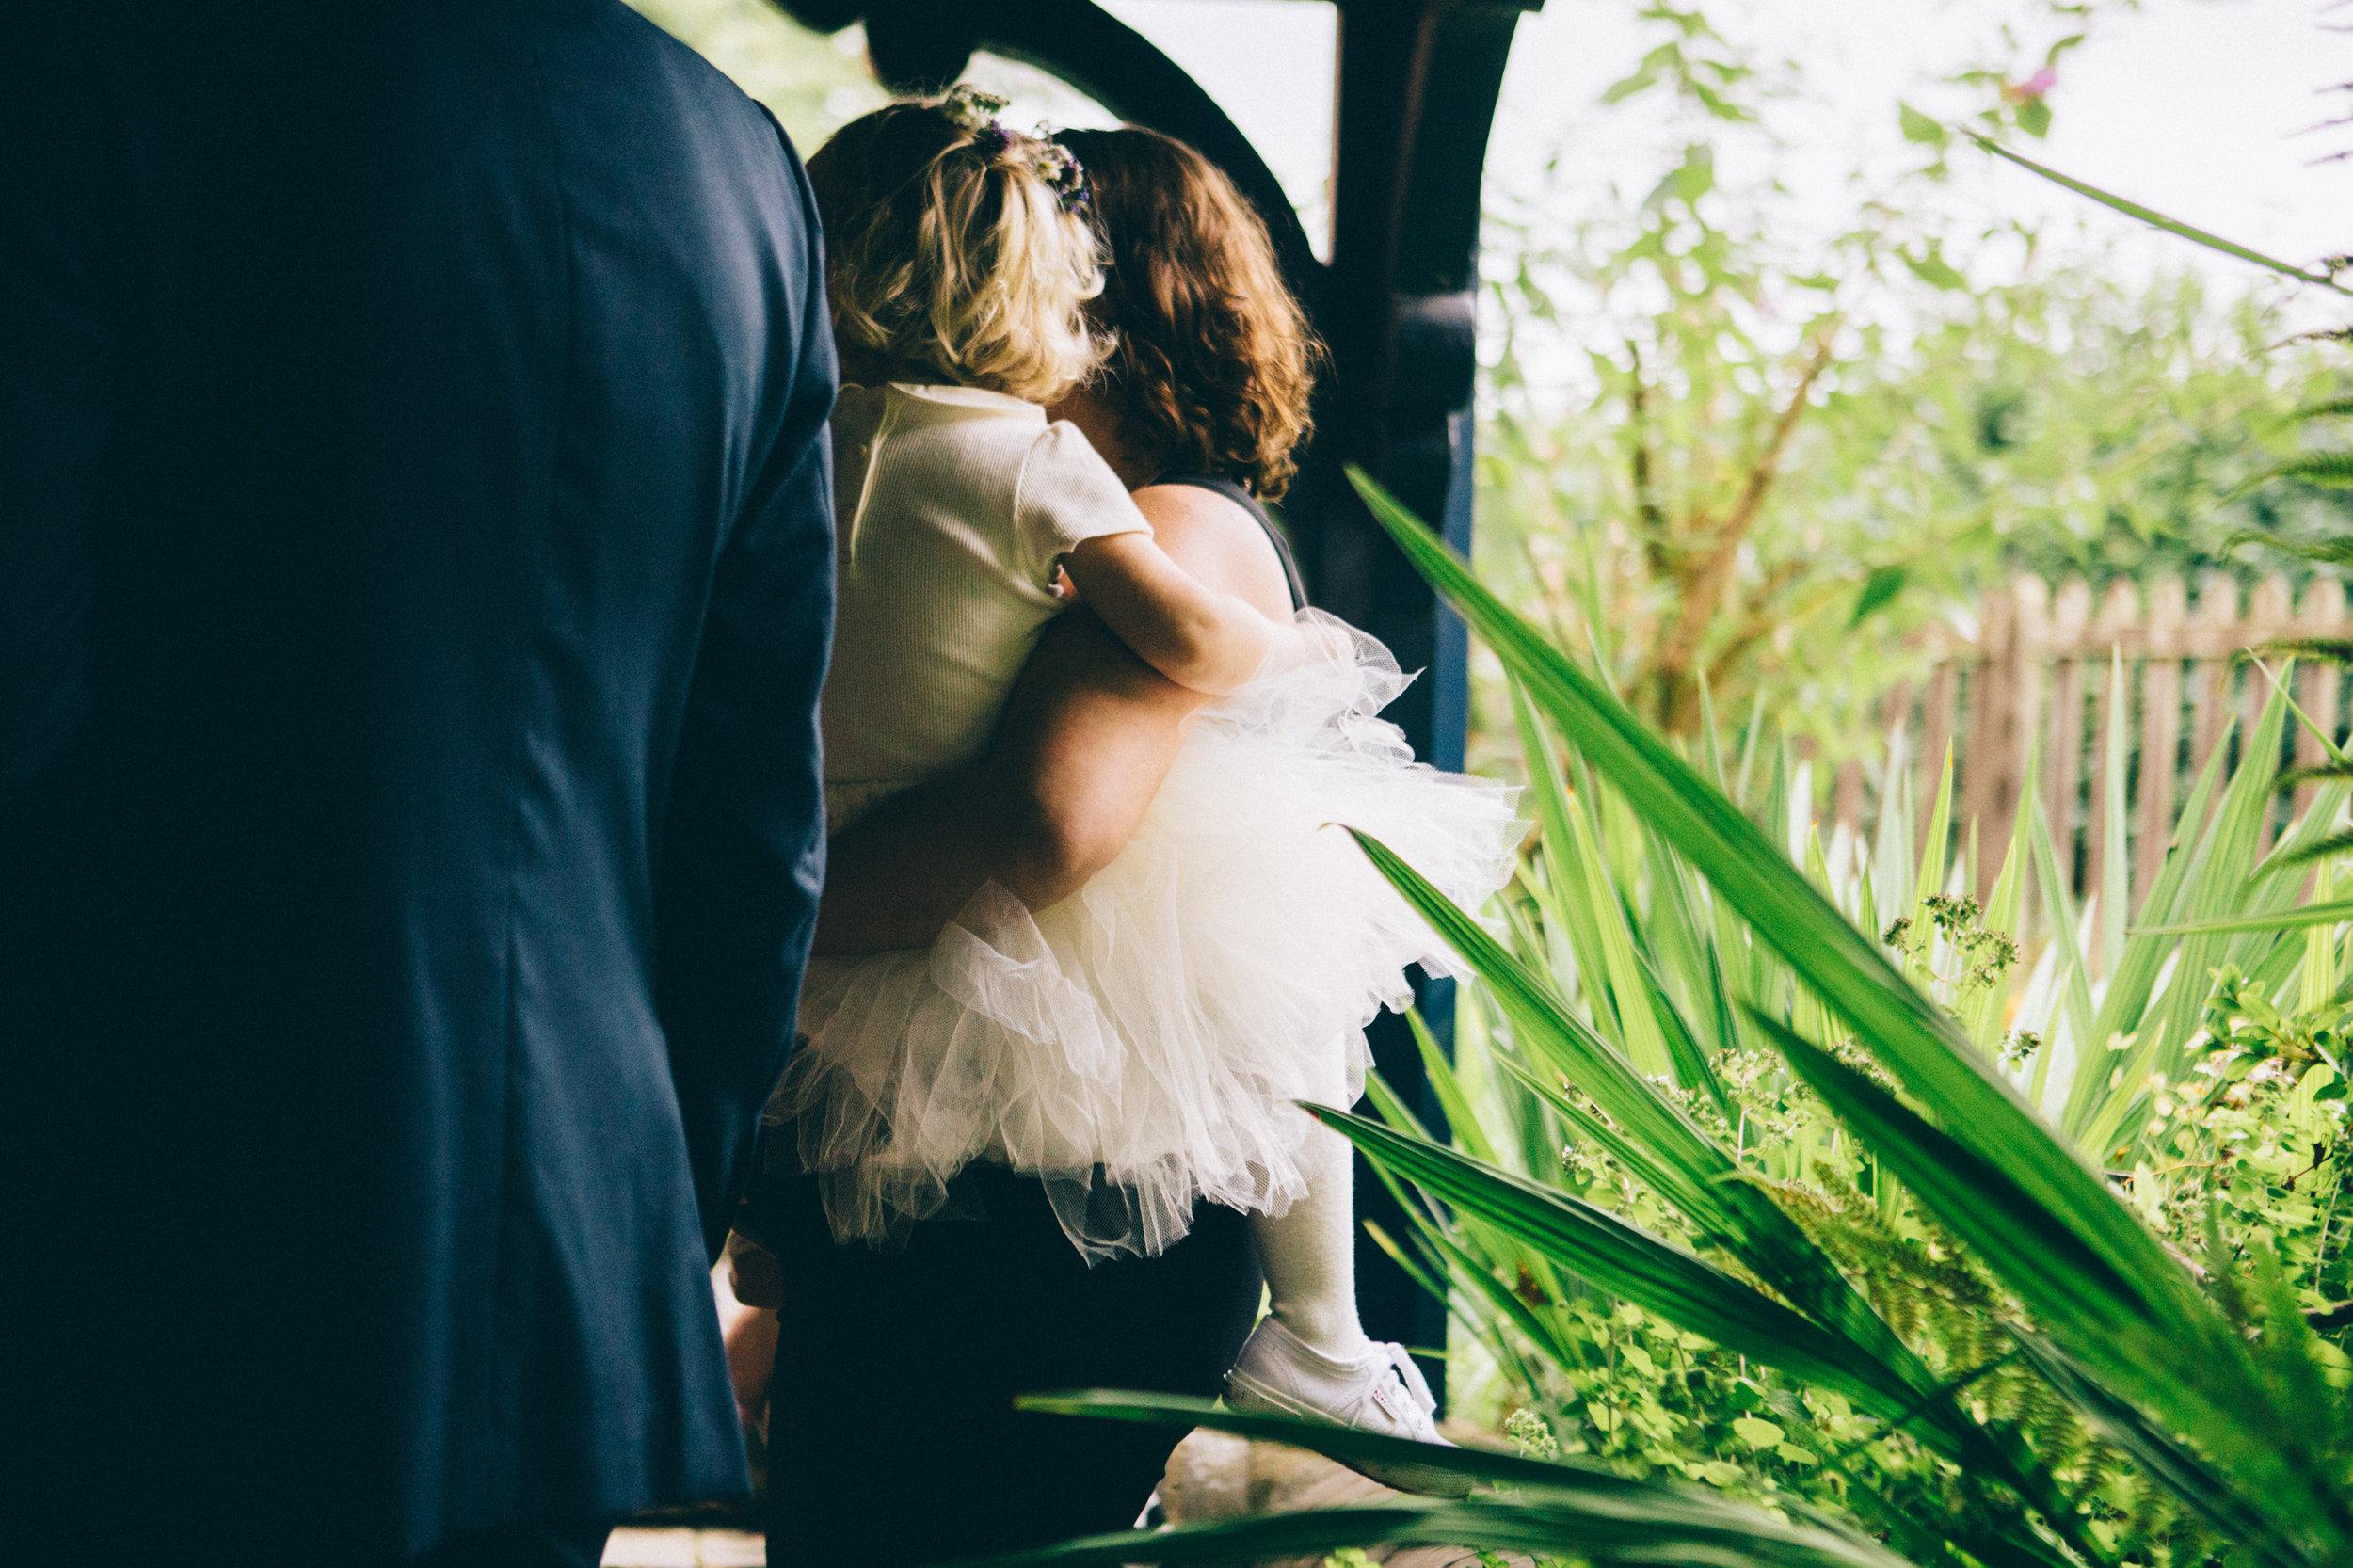 uk wedding photographer artistic wedding photography-53.jpg